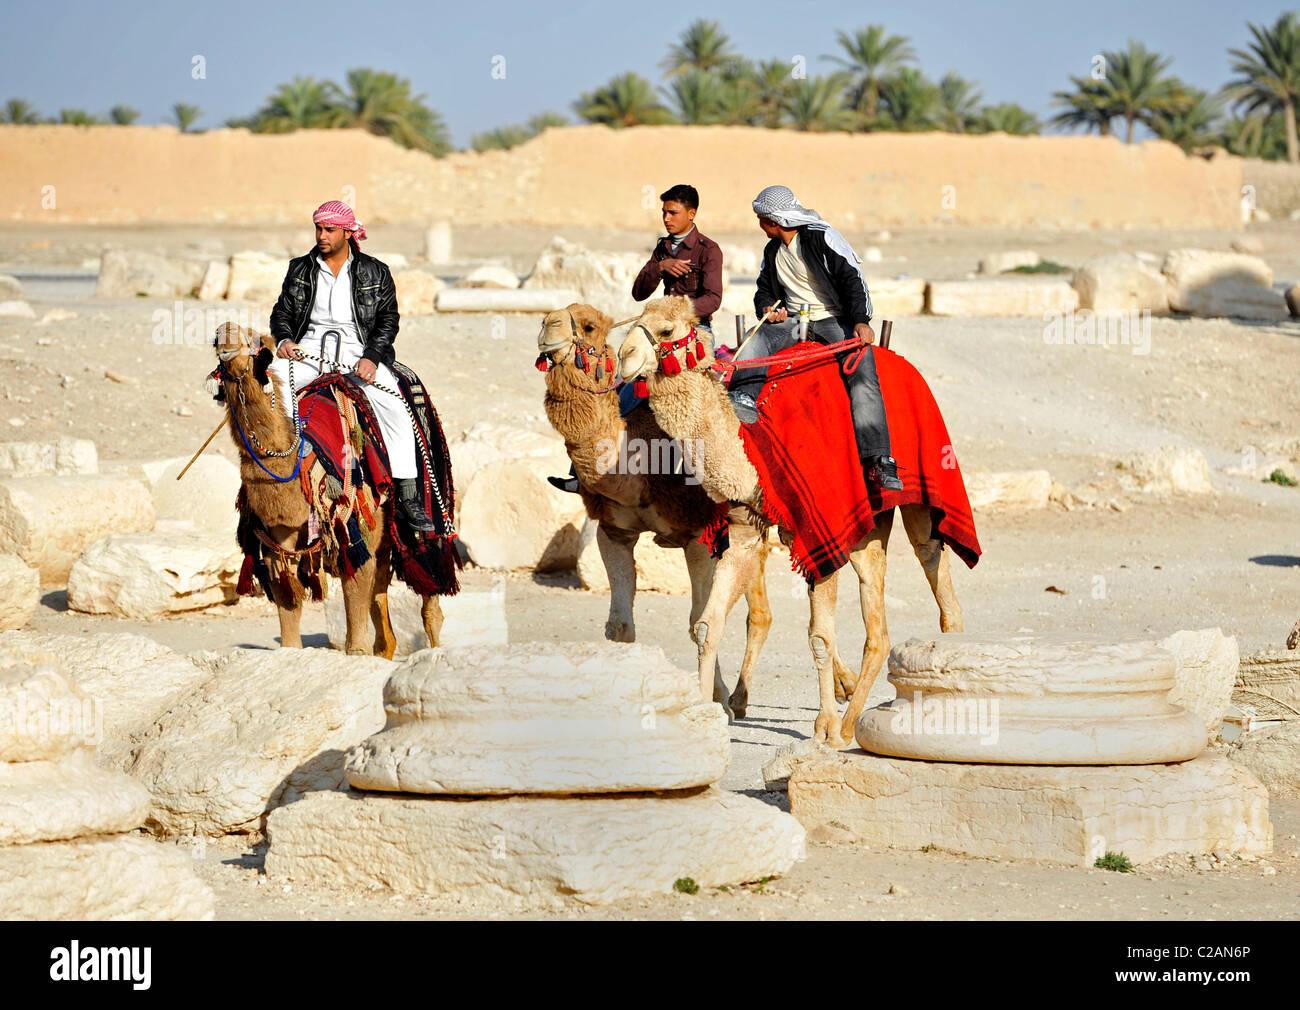 Three men rides camels in Palmyra, Syria on March 4, 2011. Männer auf Kamelen an den Ruinen, Säulen von - Stock Image